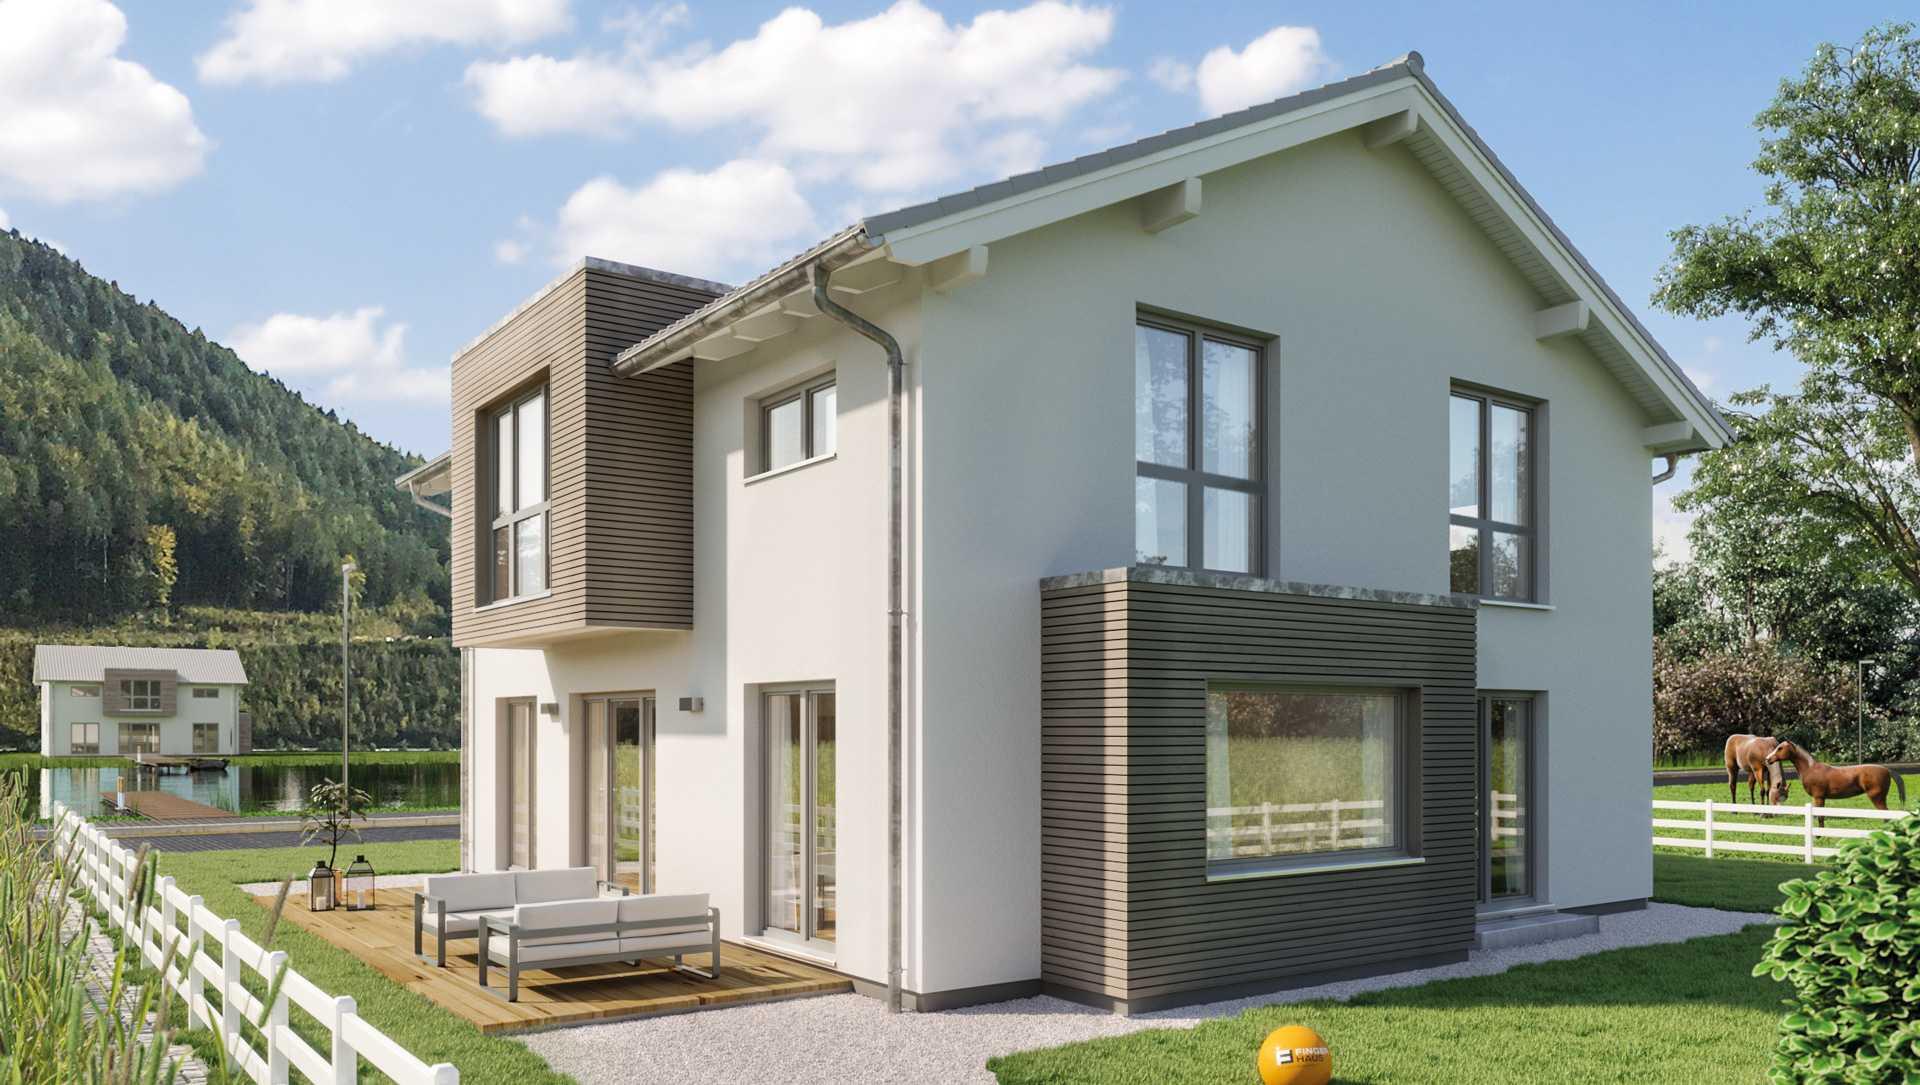 SENTO 400 Einfamilienhaus von FingerHaus